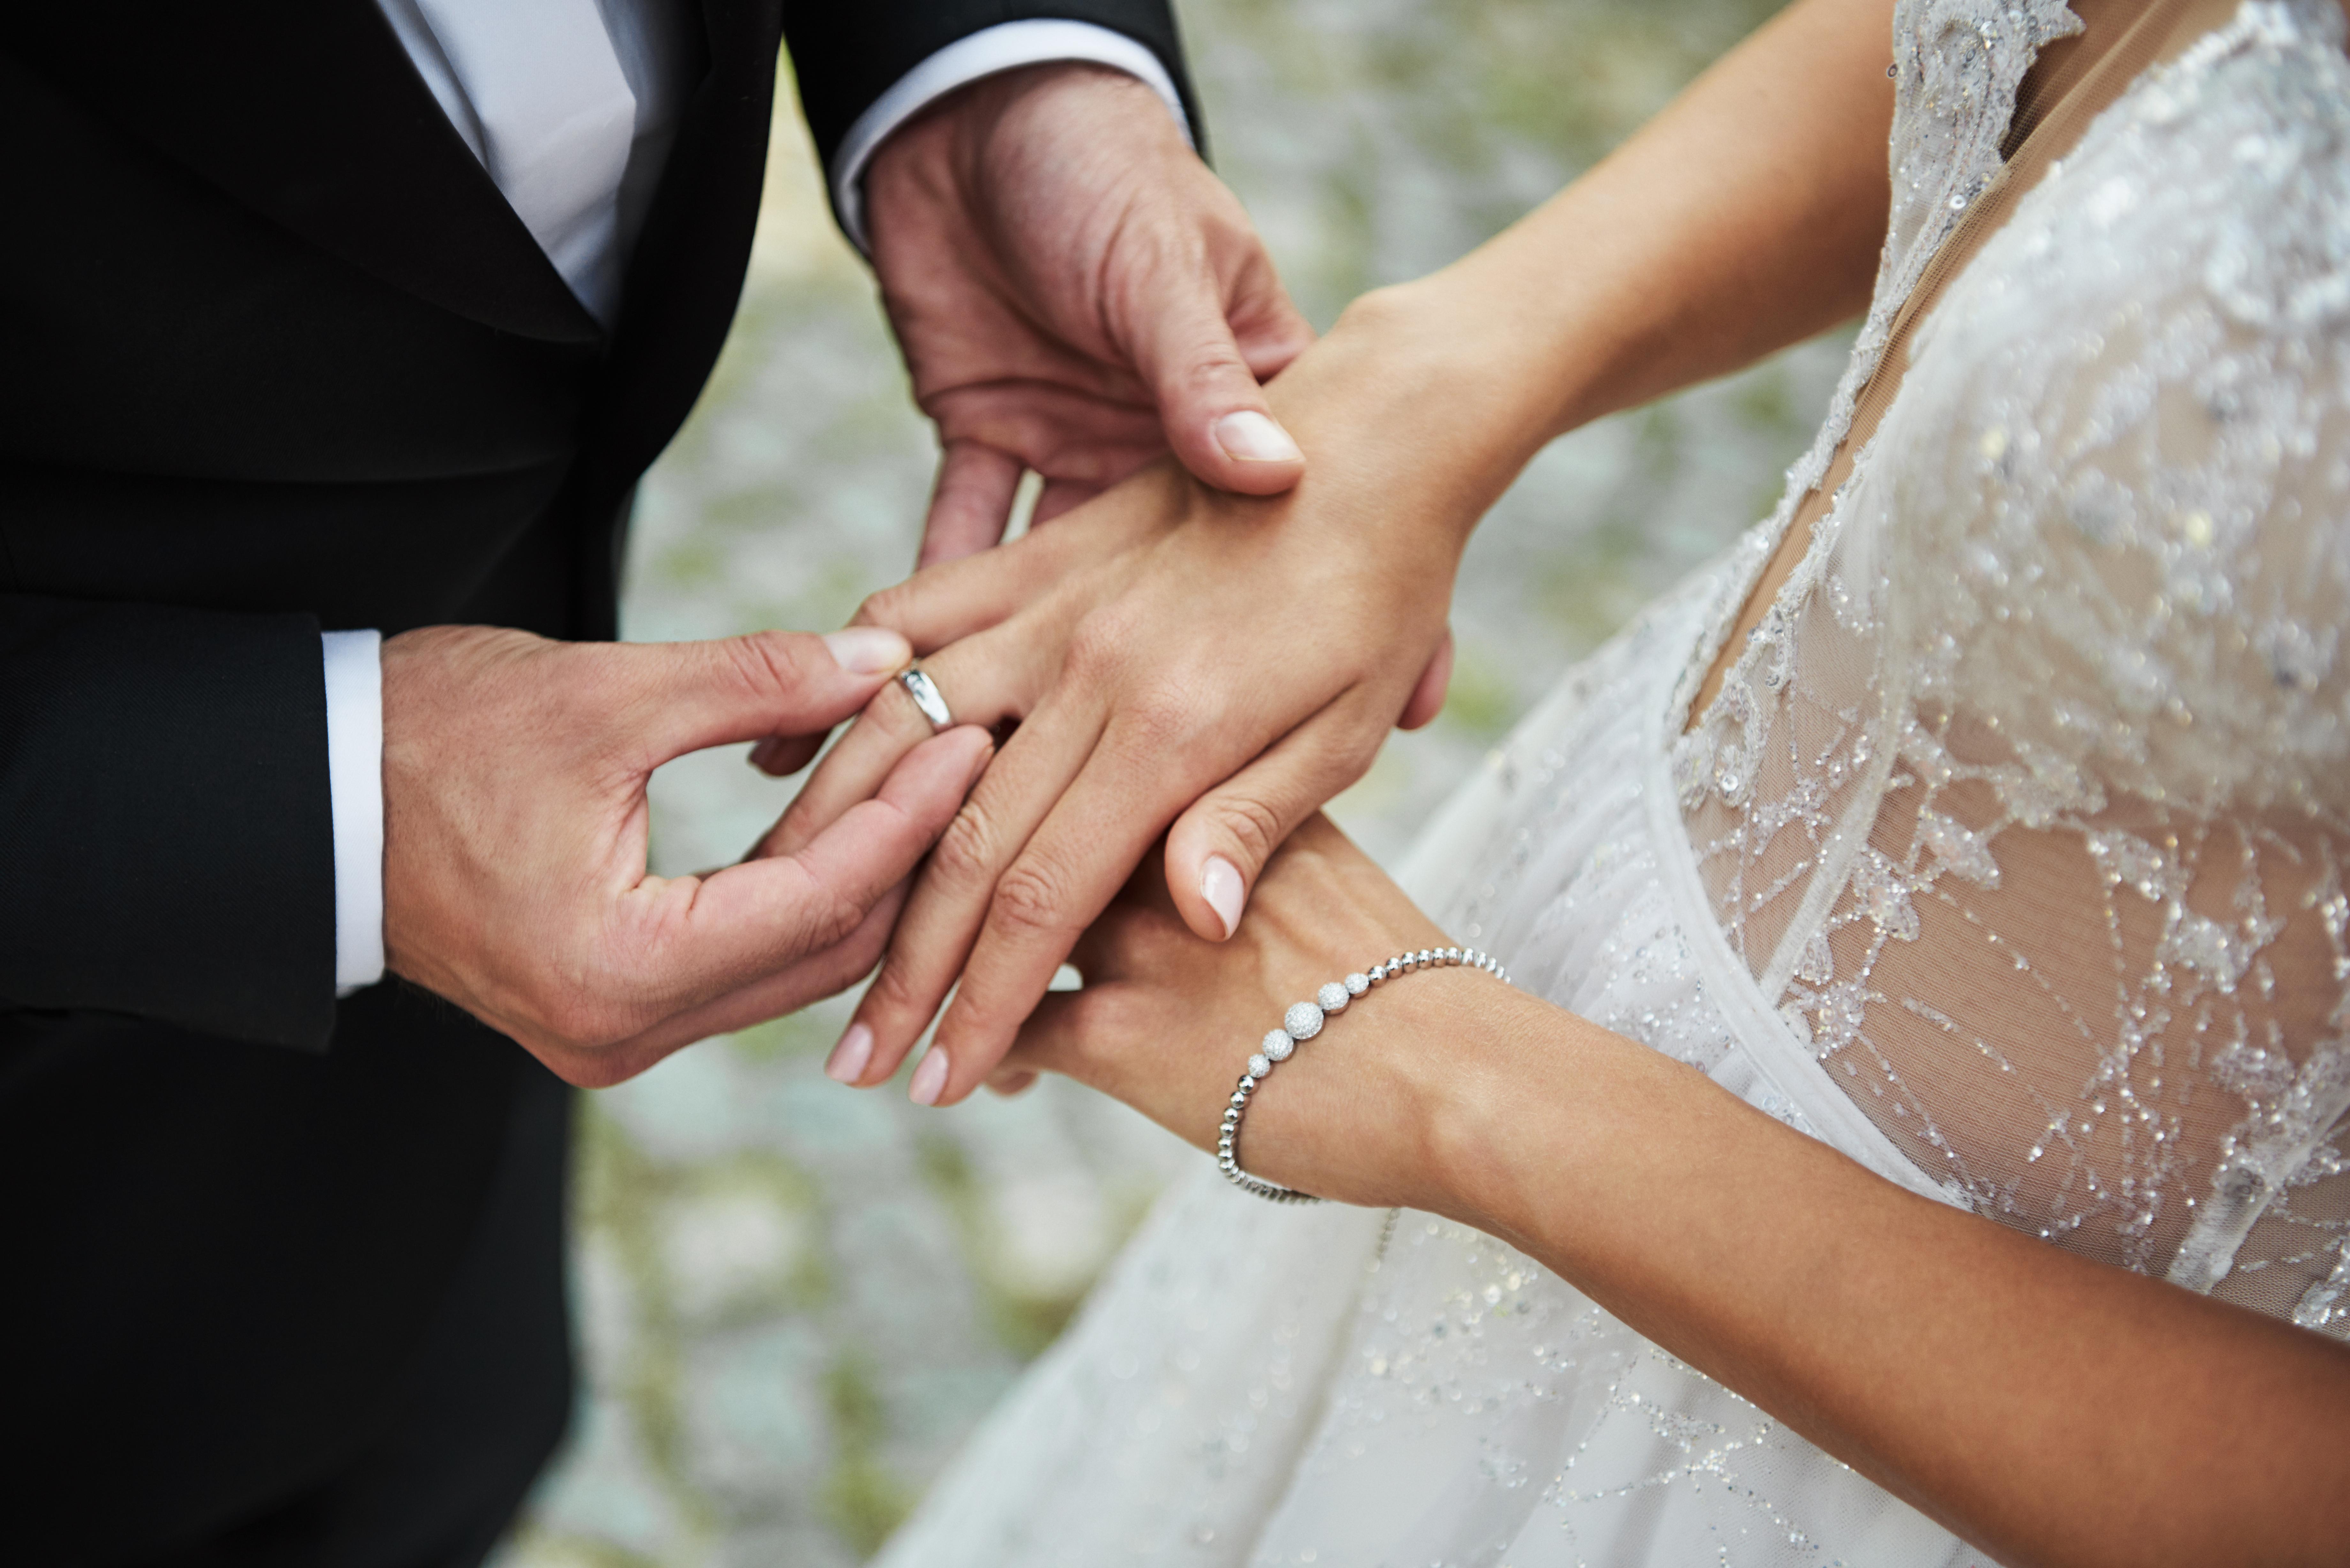 obrączki ślubne - wszystko co powinniście wiedzieć